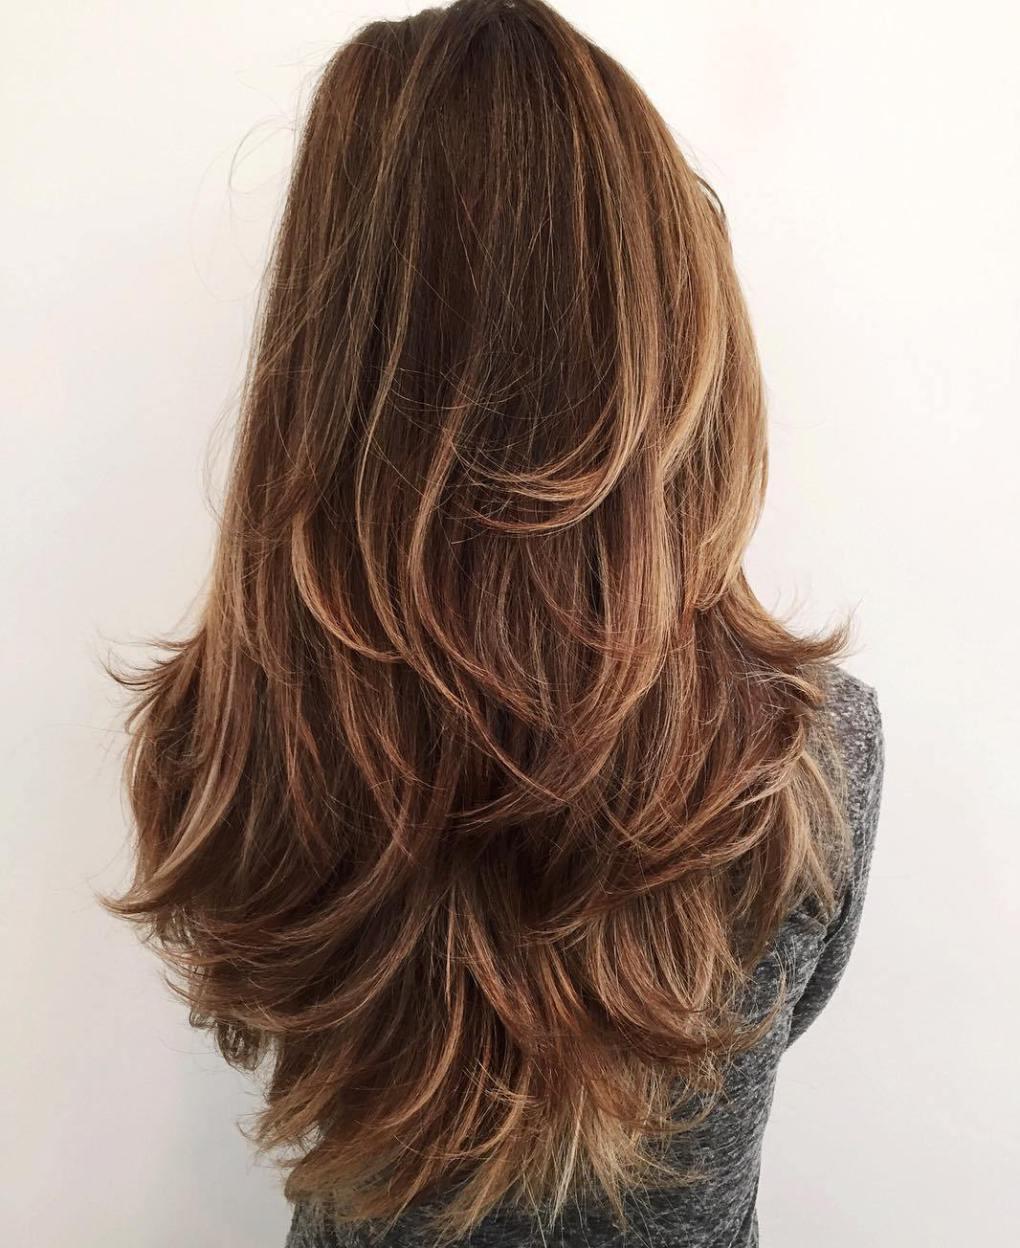 5 pasos para lucir un cabello impecable el día de tu boda